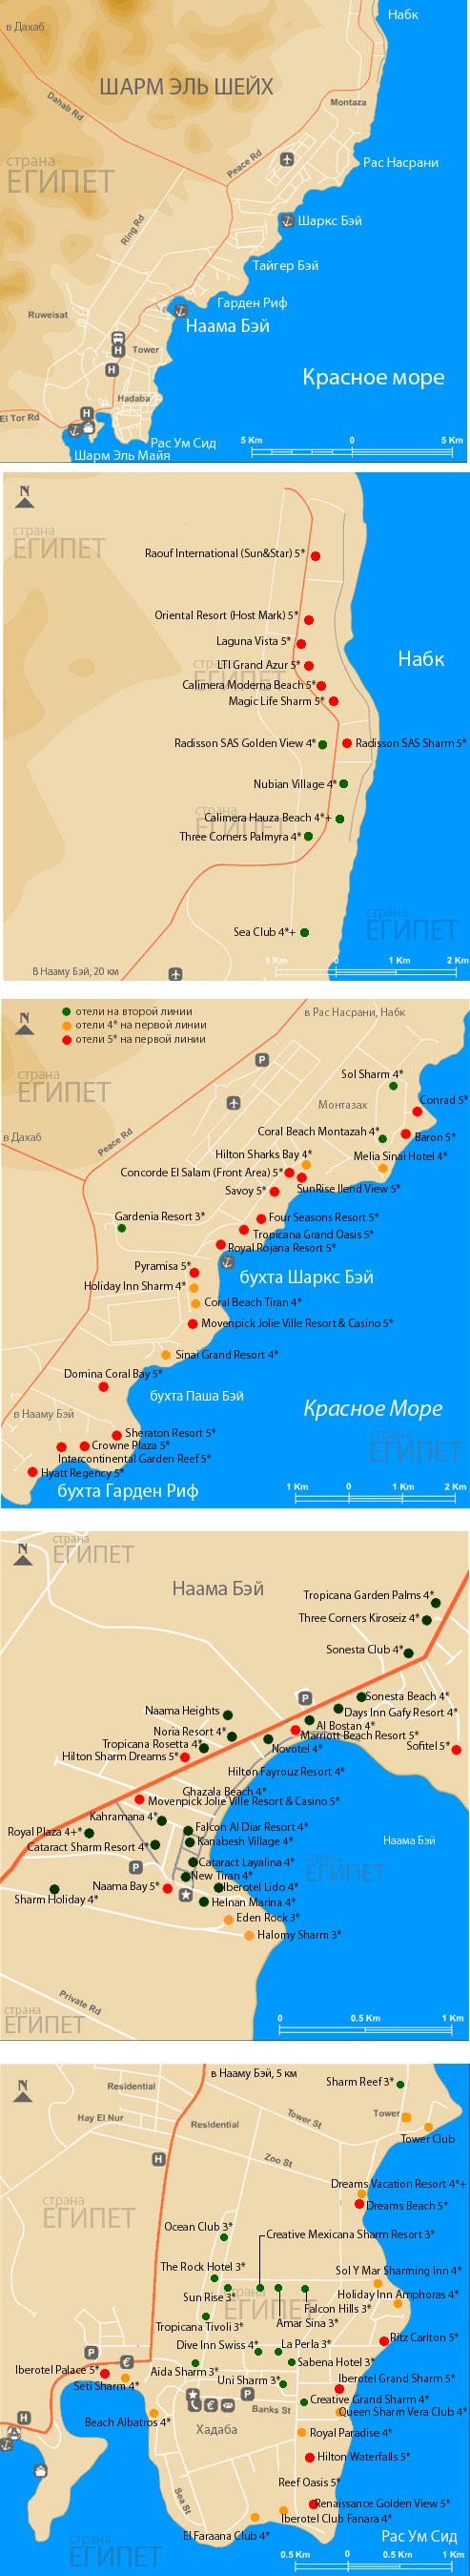 Карта отелей в Шарм-эль-Шейхе Египет